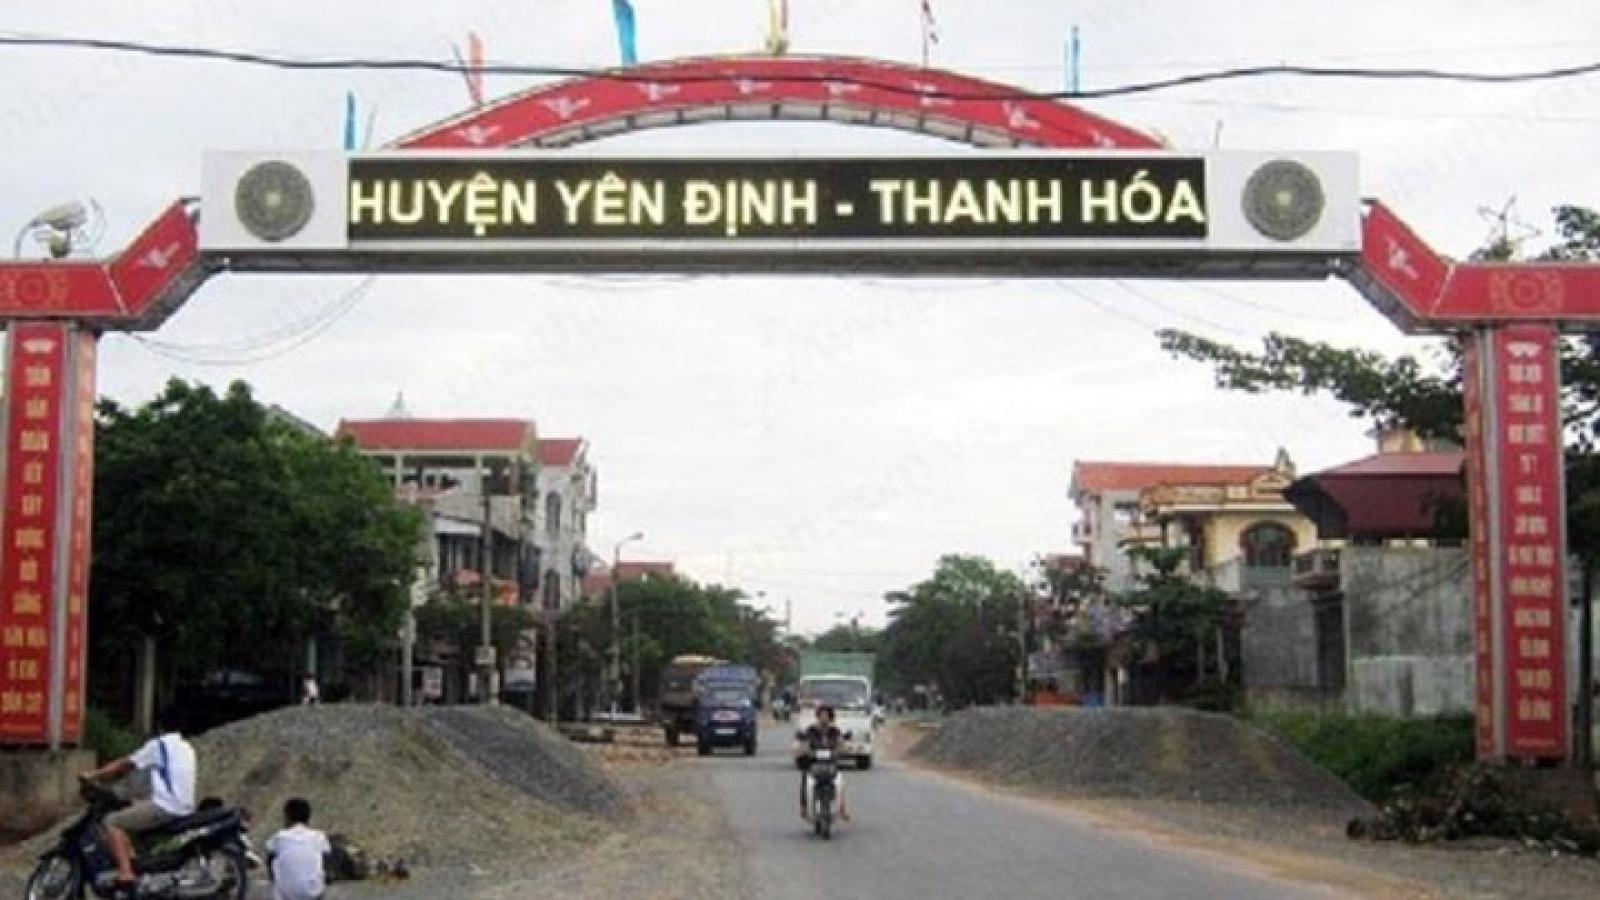 Xử lý hàng loạt cán bộ ở Thanh Hóa